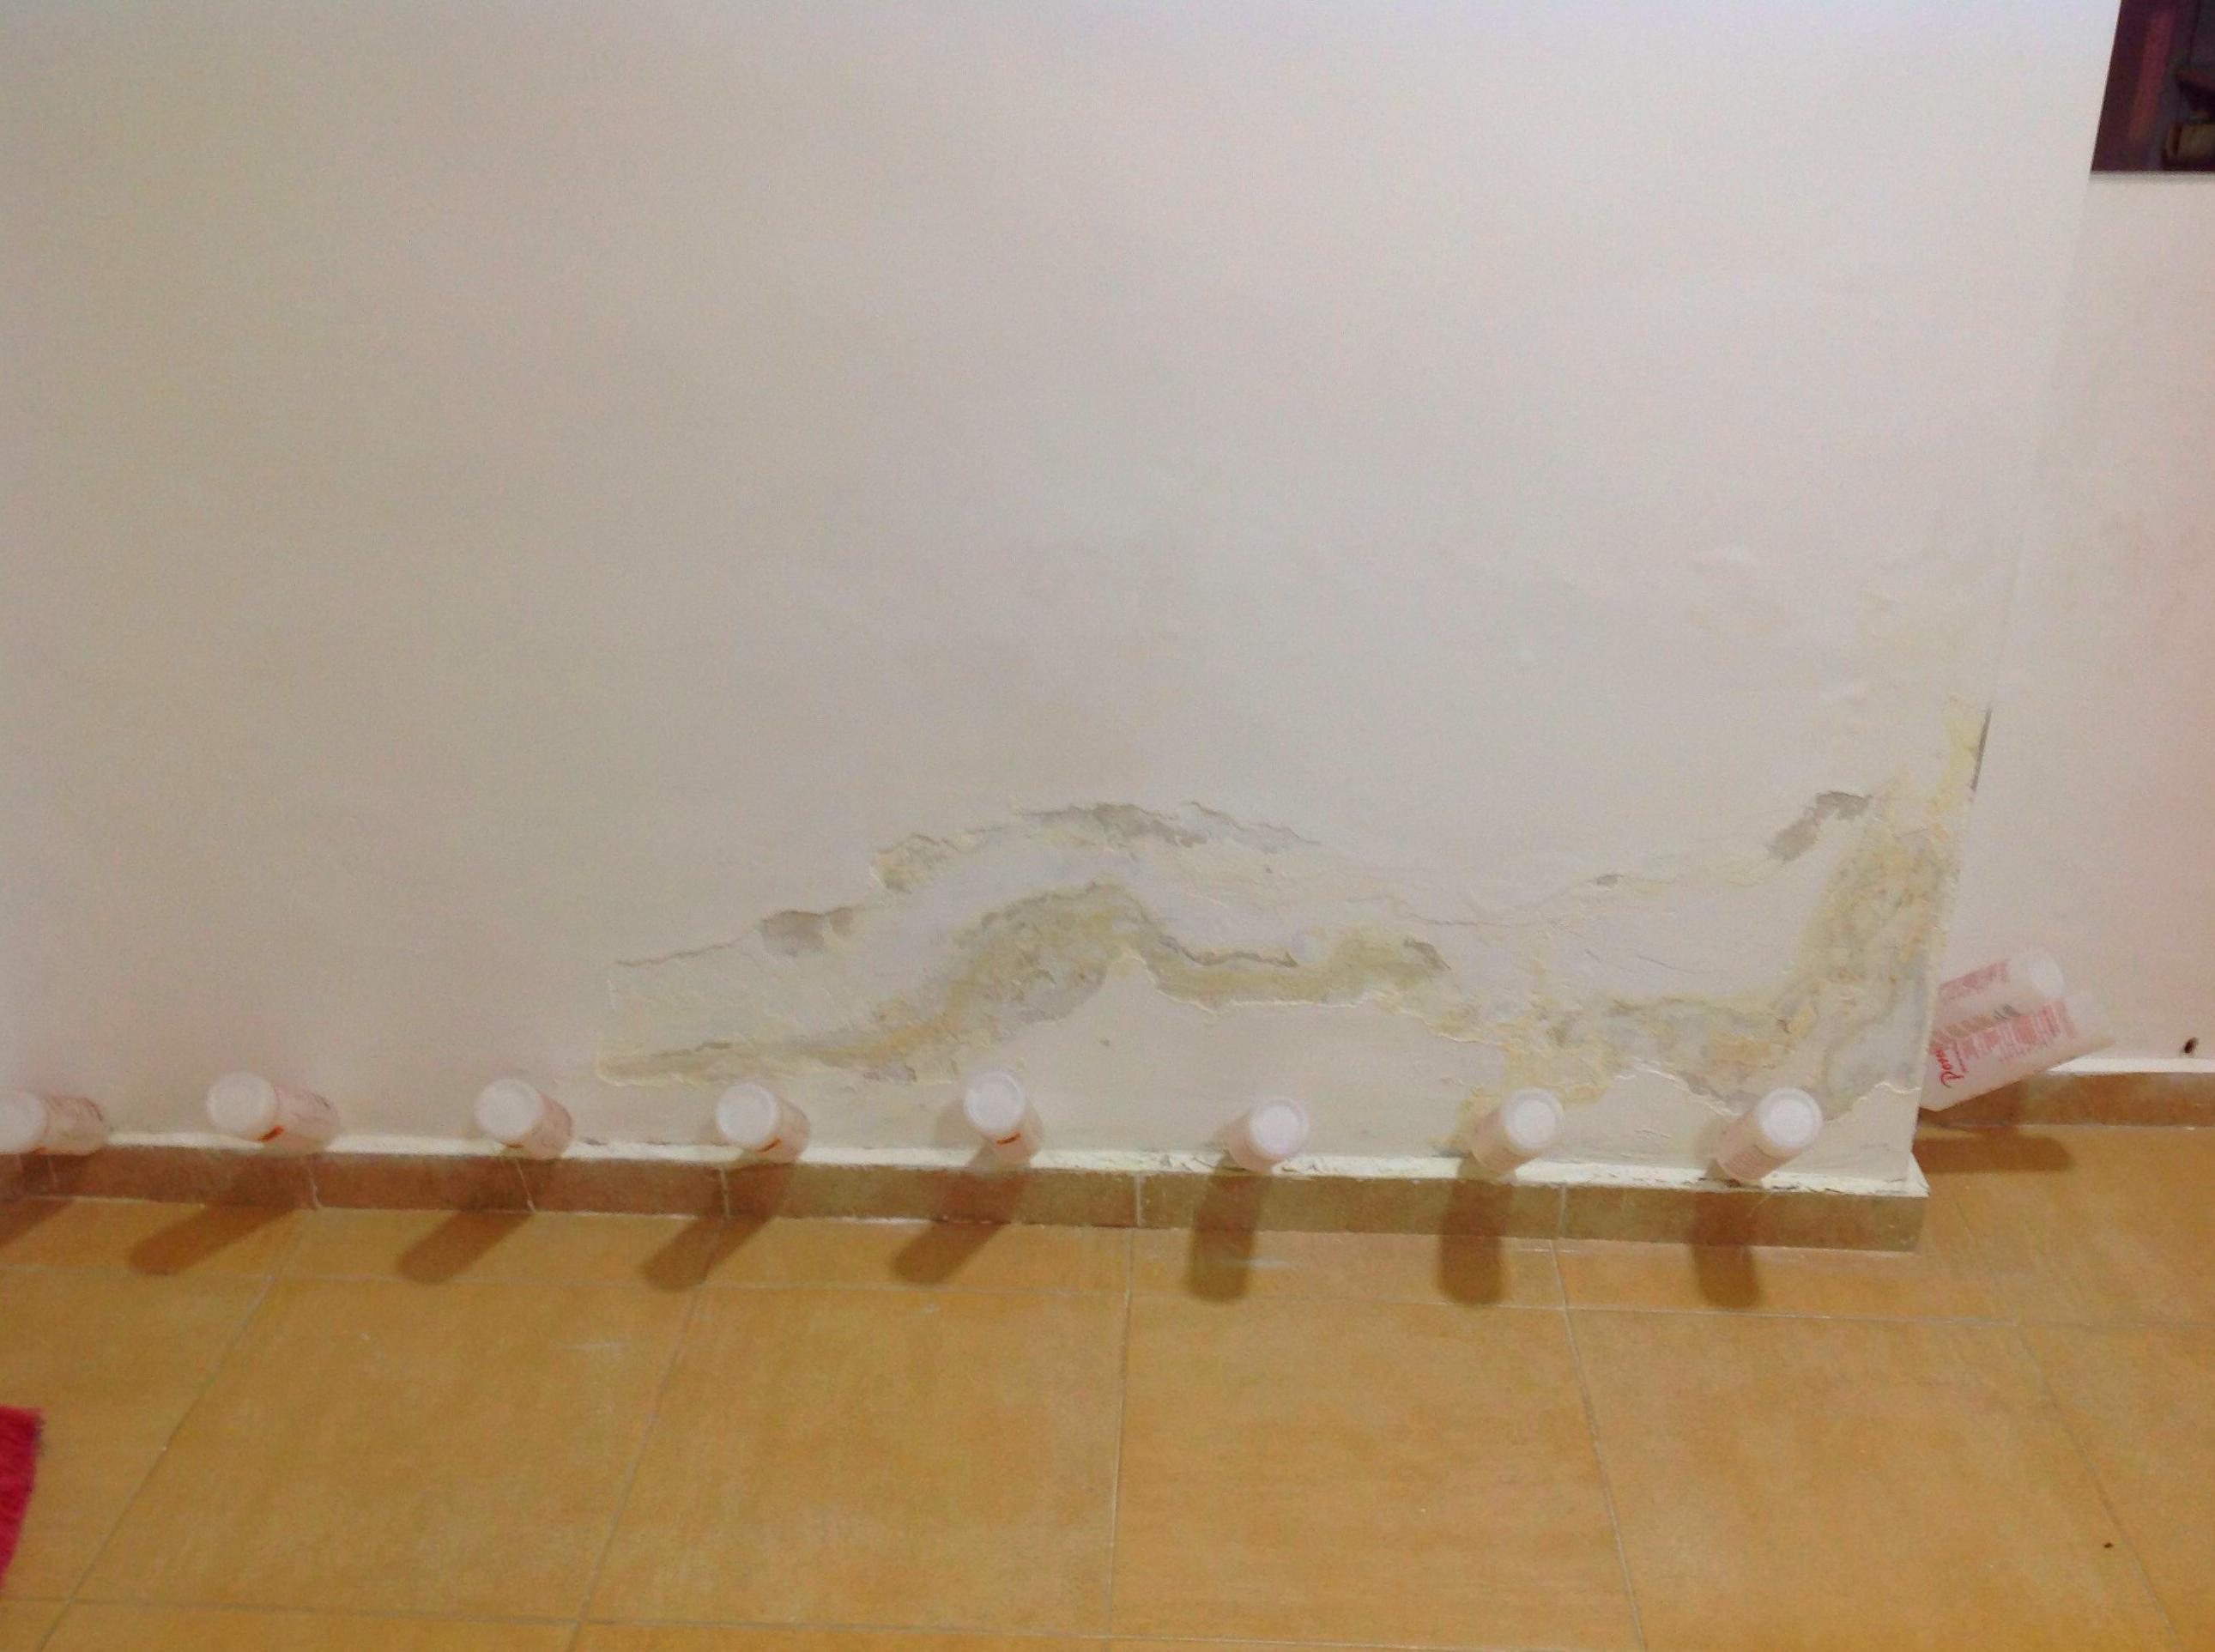 Empresa especializada en eliminación de humedades en paredes